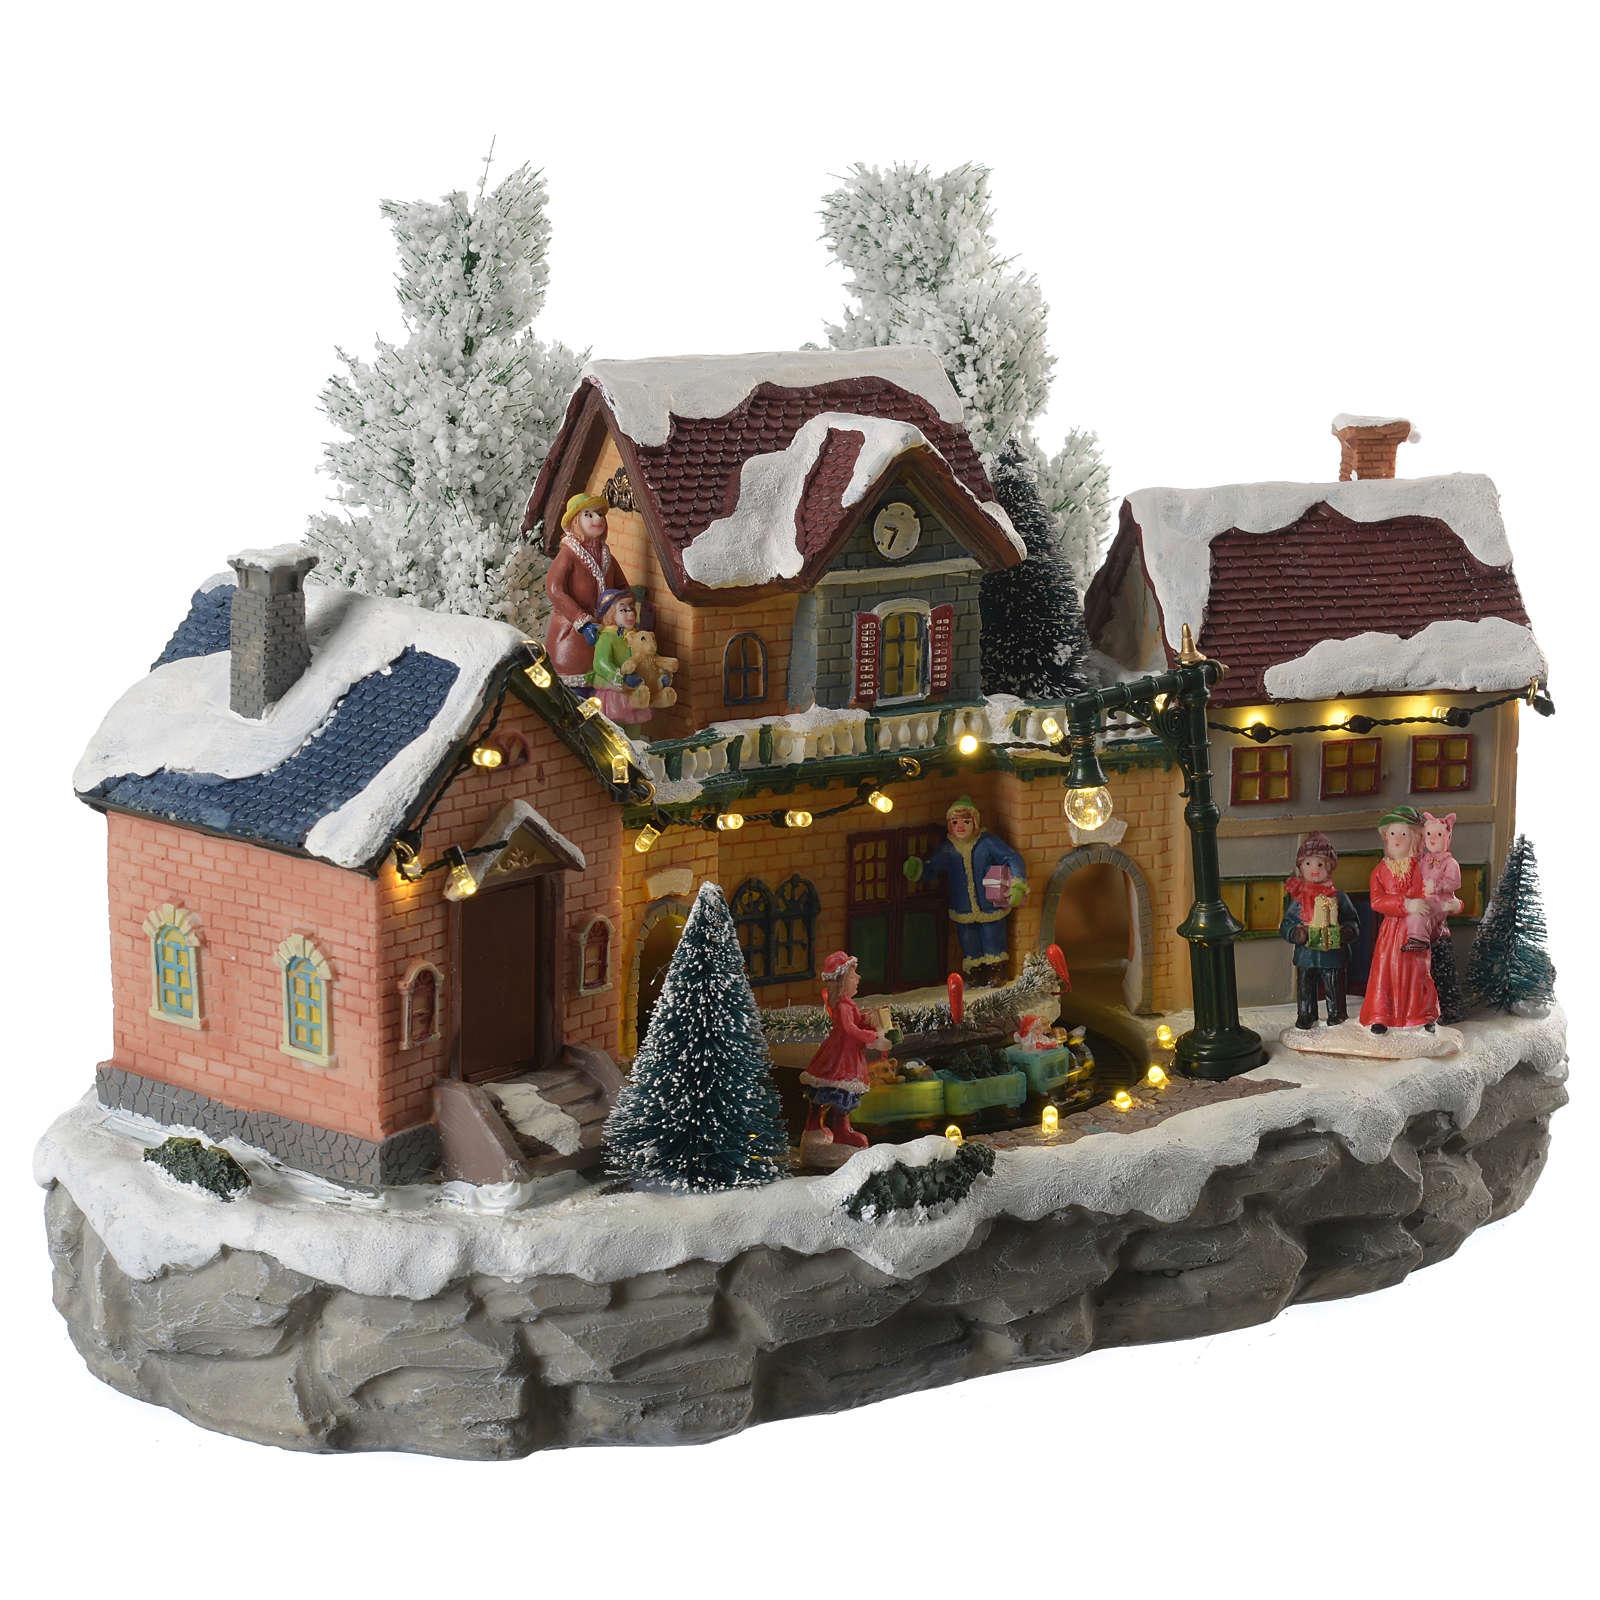 Pueblo Navideño en miniatura invernal con trenecito en movimiento 3